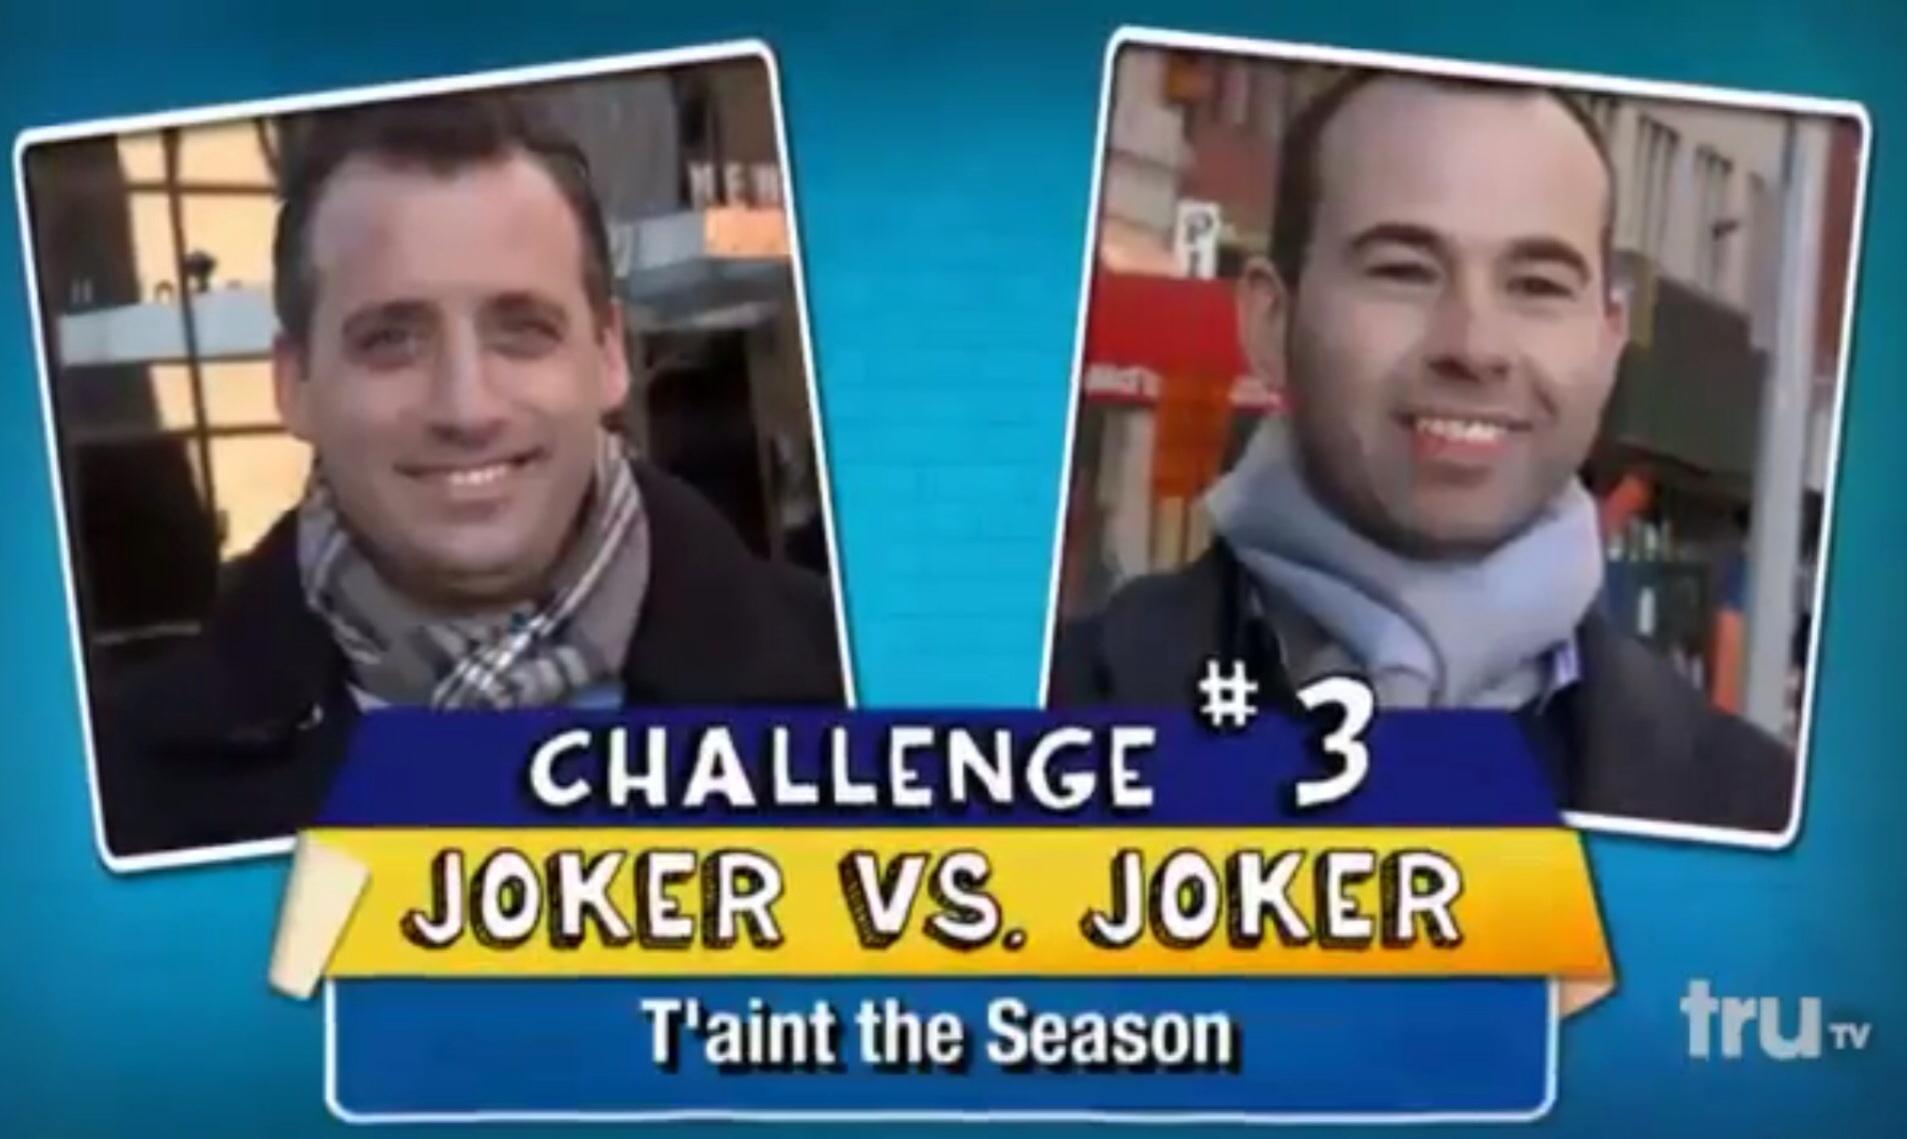 Joker vs joker challenge impractical jokers wiki fandom powered example of a joker vs joker challenge ccuart Image collections